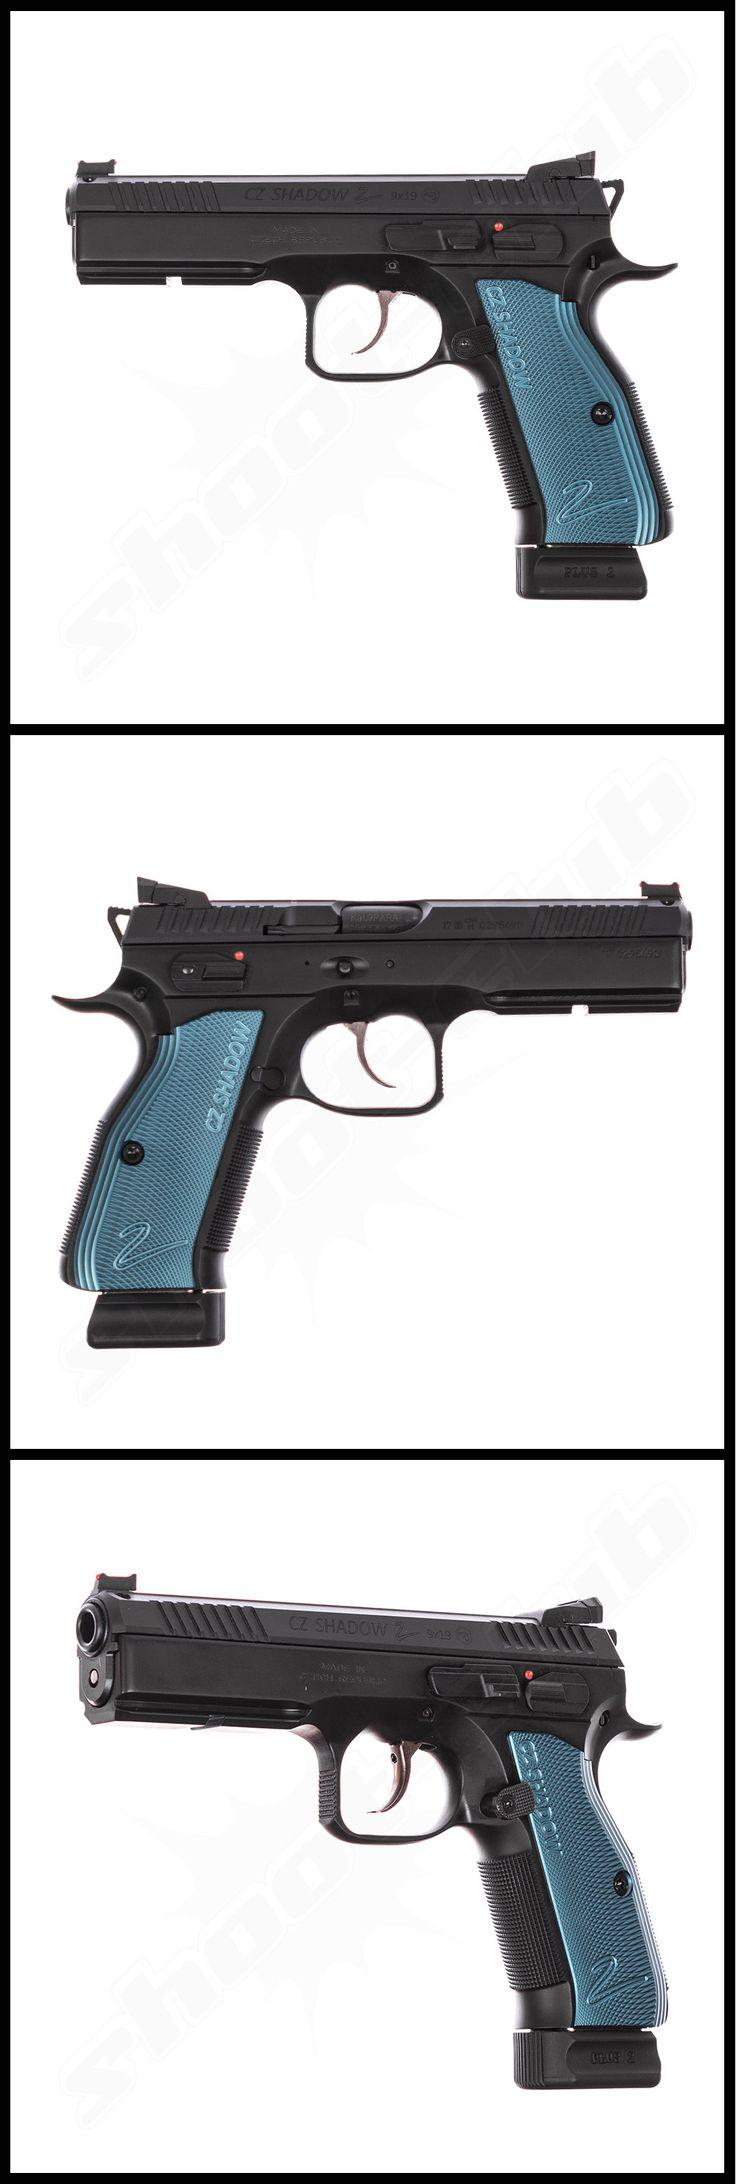 CZ Shadow 2 Poly im Kal. 9mm Luger    - weitere Informationen und Produkte findet Ihr auf www.shoot-club.de -    #shootclub #pistol #pistole #guns  #9mm